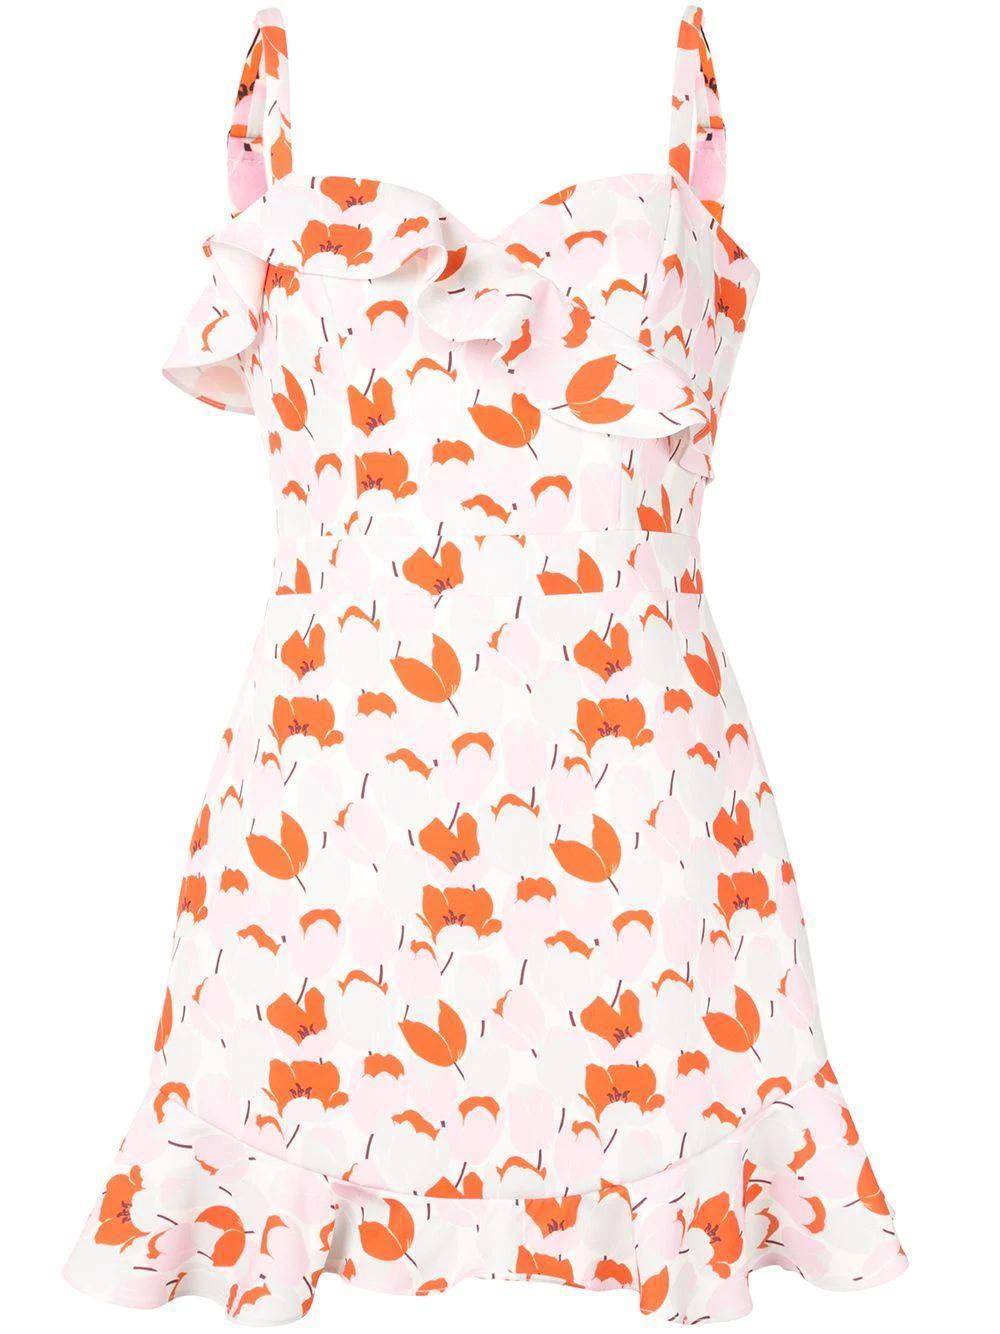 Zalda Ruffle Mini Dress Item # 7652016